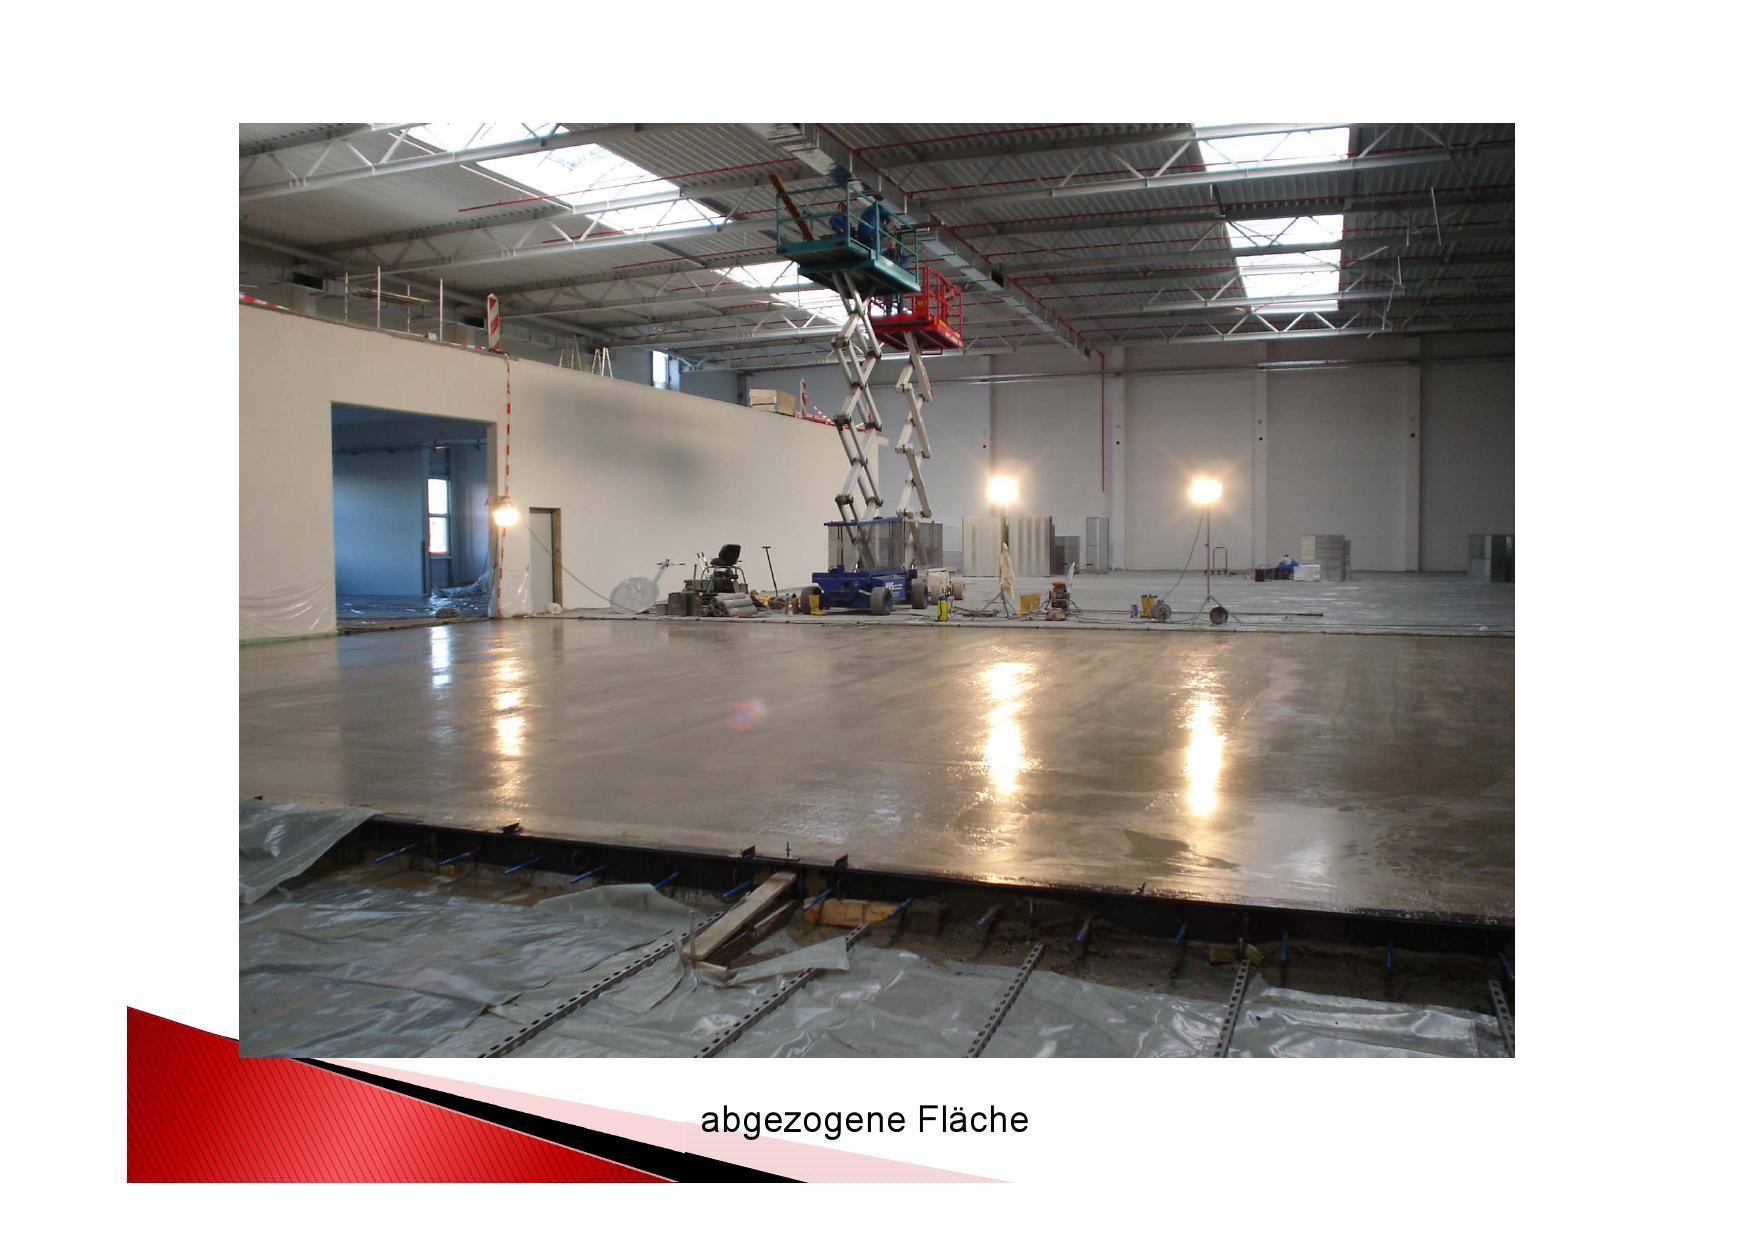 Frisch abgezogener Betonboden einer Produktionshalle